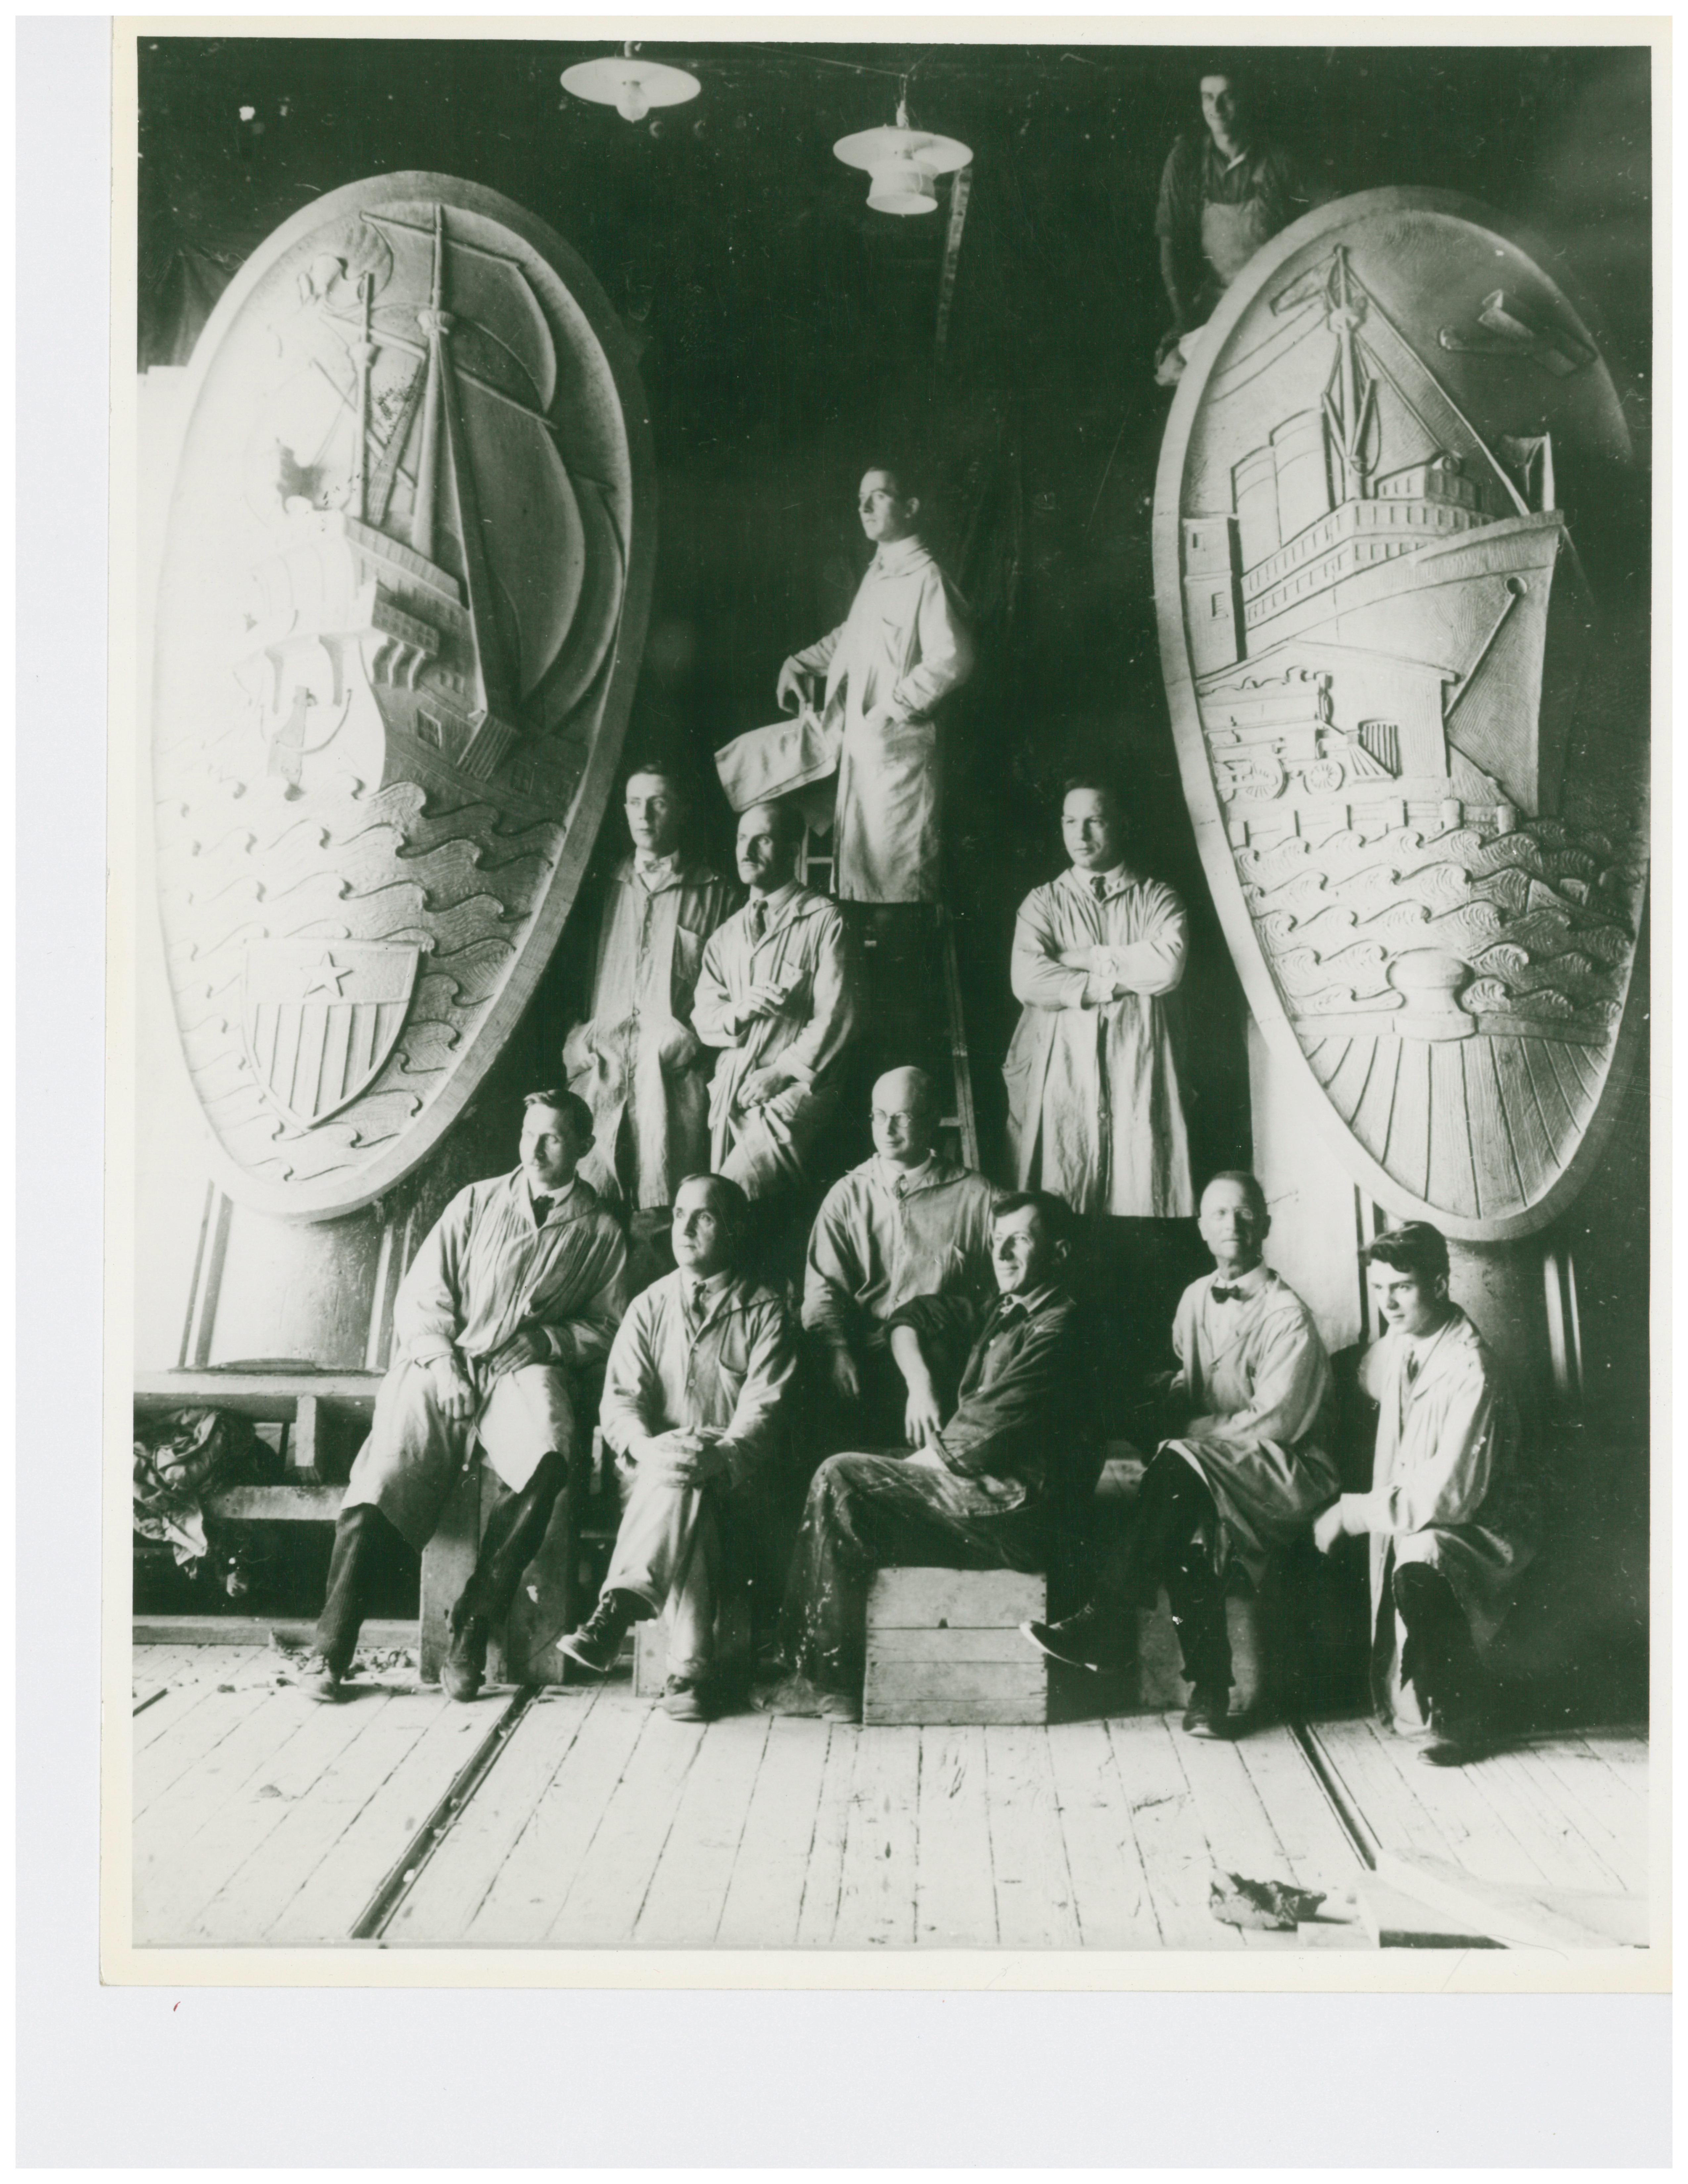 1925 Spreckles Sugar Co in San Diego